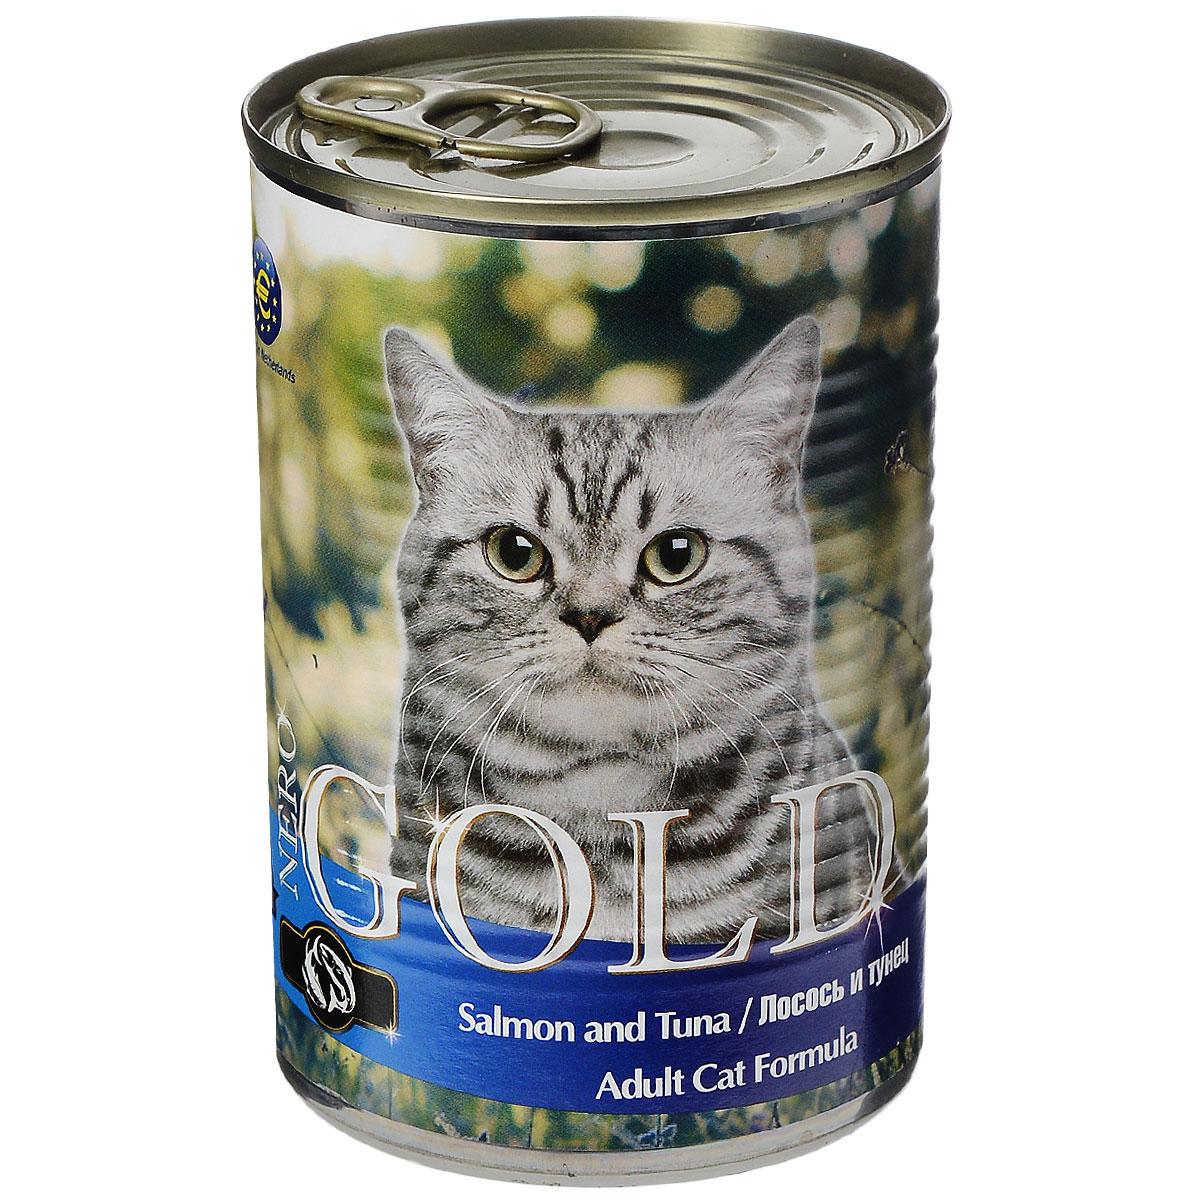 Консервы для кошек Nero Gold, с лососем и тунцом, 410 г0120710Консервы для кошек Nero Gold - полнорационный продукт, содержащий все необходимые витамины и минералы, сбалансированный для поддержания оптимального здоровья вашего питомца! Состав: мясо и его производные, филе курицы, филе лосося, филе тунца, злаки, витамины и минералы. Гарантированный анализ: белки 6%, жиры 4,5%, клетчатка 0,5%, зола 2%, влага 81%. Пищевые добавки на 1 кг продукта: витамин А 1600 МЕ, витамин D 140 МЕ, витамин Е 10 МЕ, таурин 300 мг, железо 24 мг, марганец 6 мг, цинк 15 мг, медь 1 мг, магний 200 мг, йод 0,3 мг, селен 0,2 мг.Вес: 410 г. Товар сертифицирован.